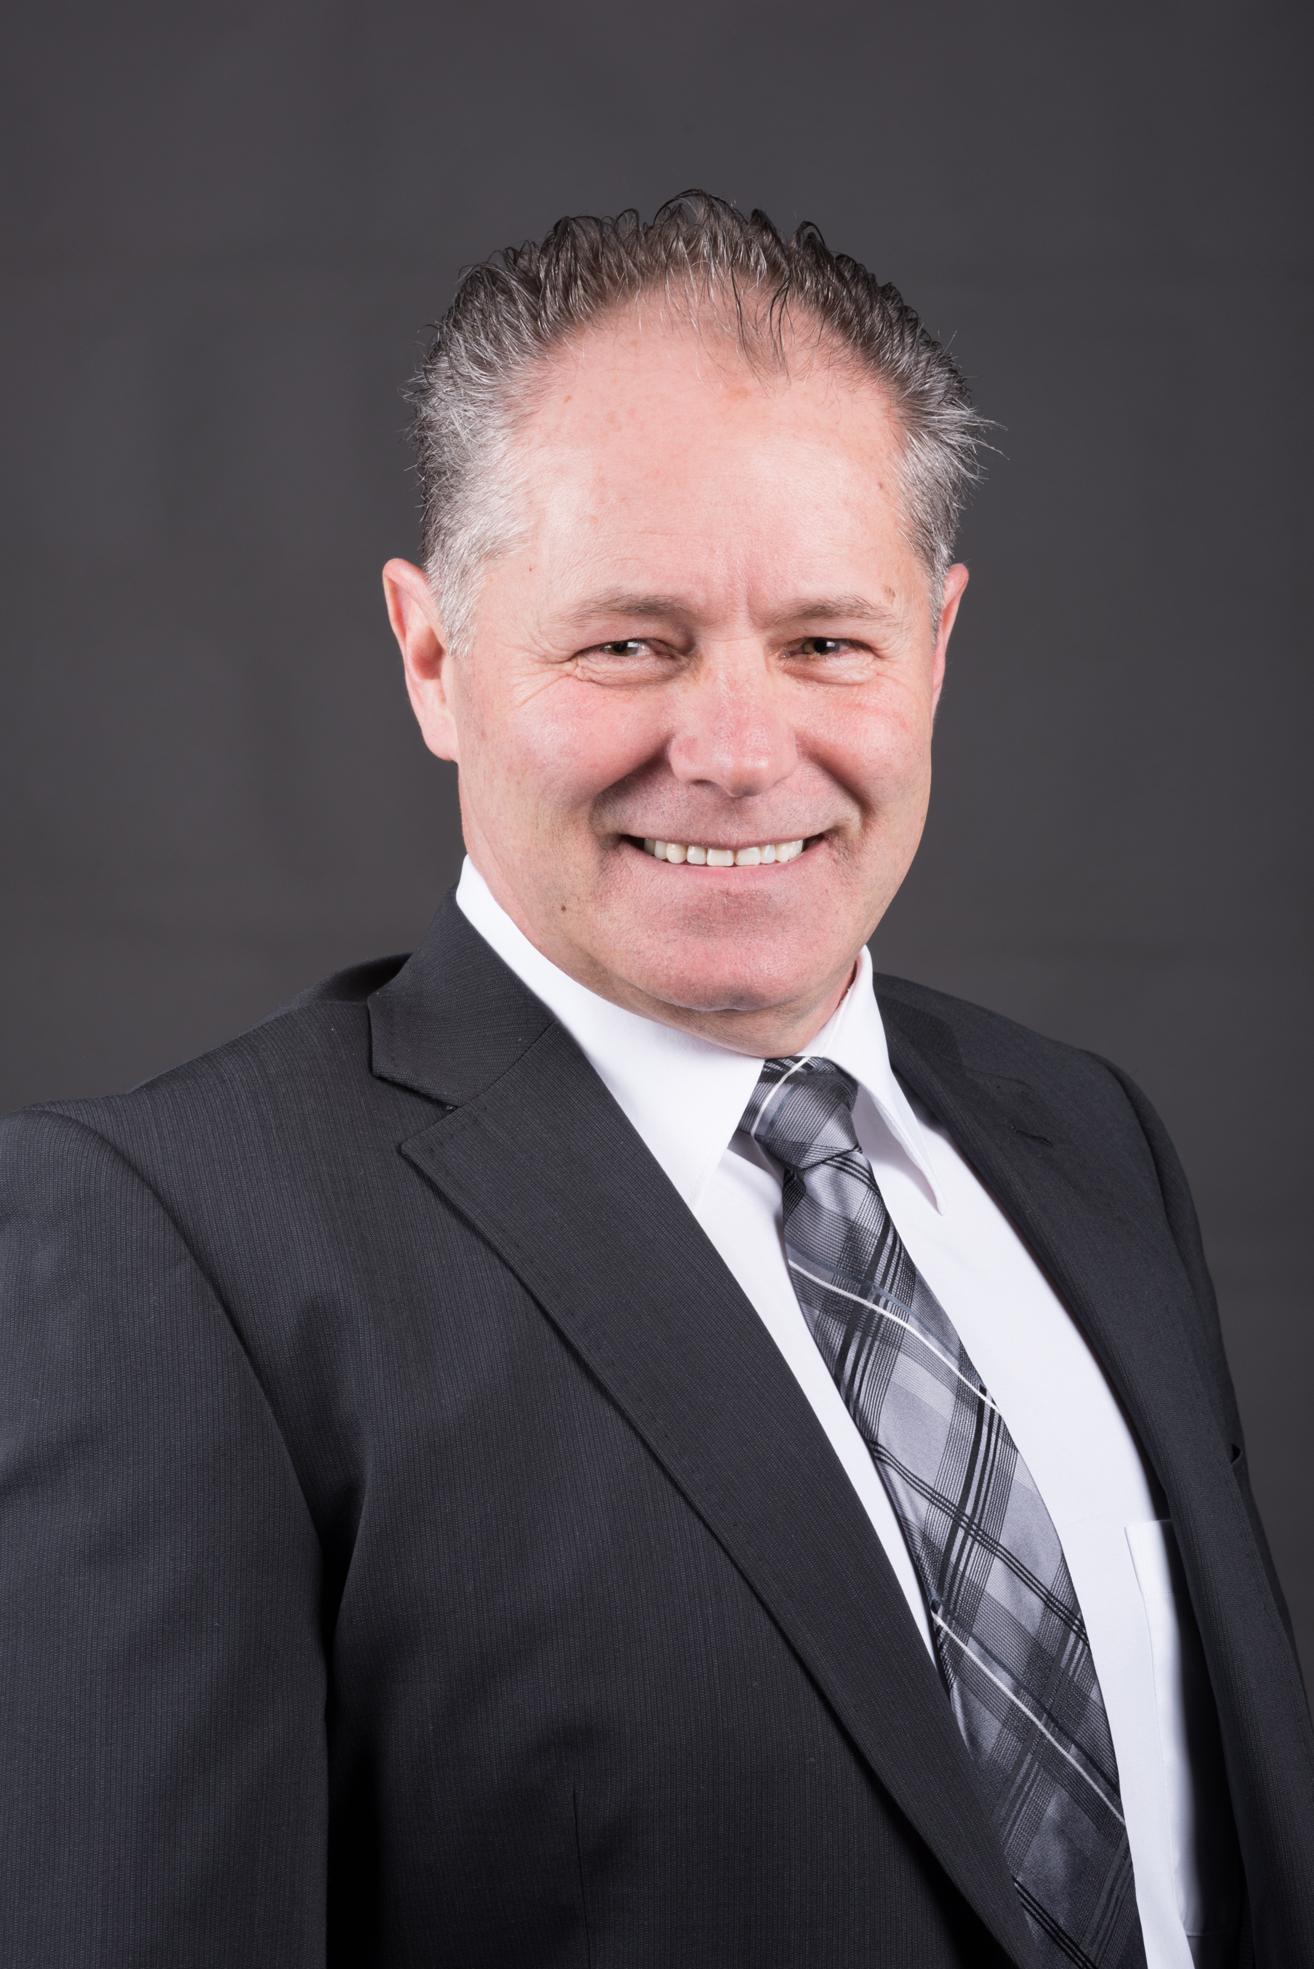 Mario Frigon - Maire de la municipalité de Saint-Gabriel-de-Brandon